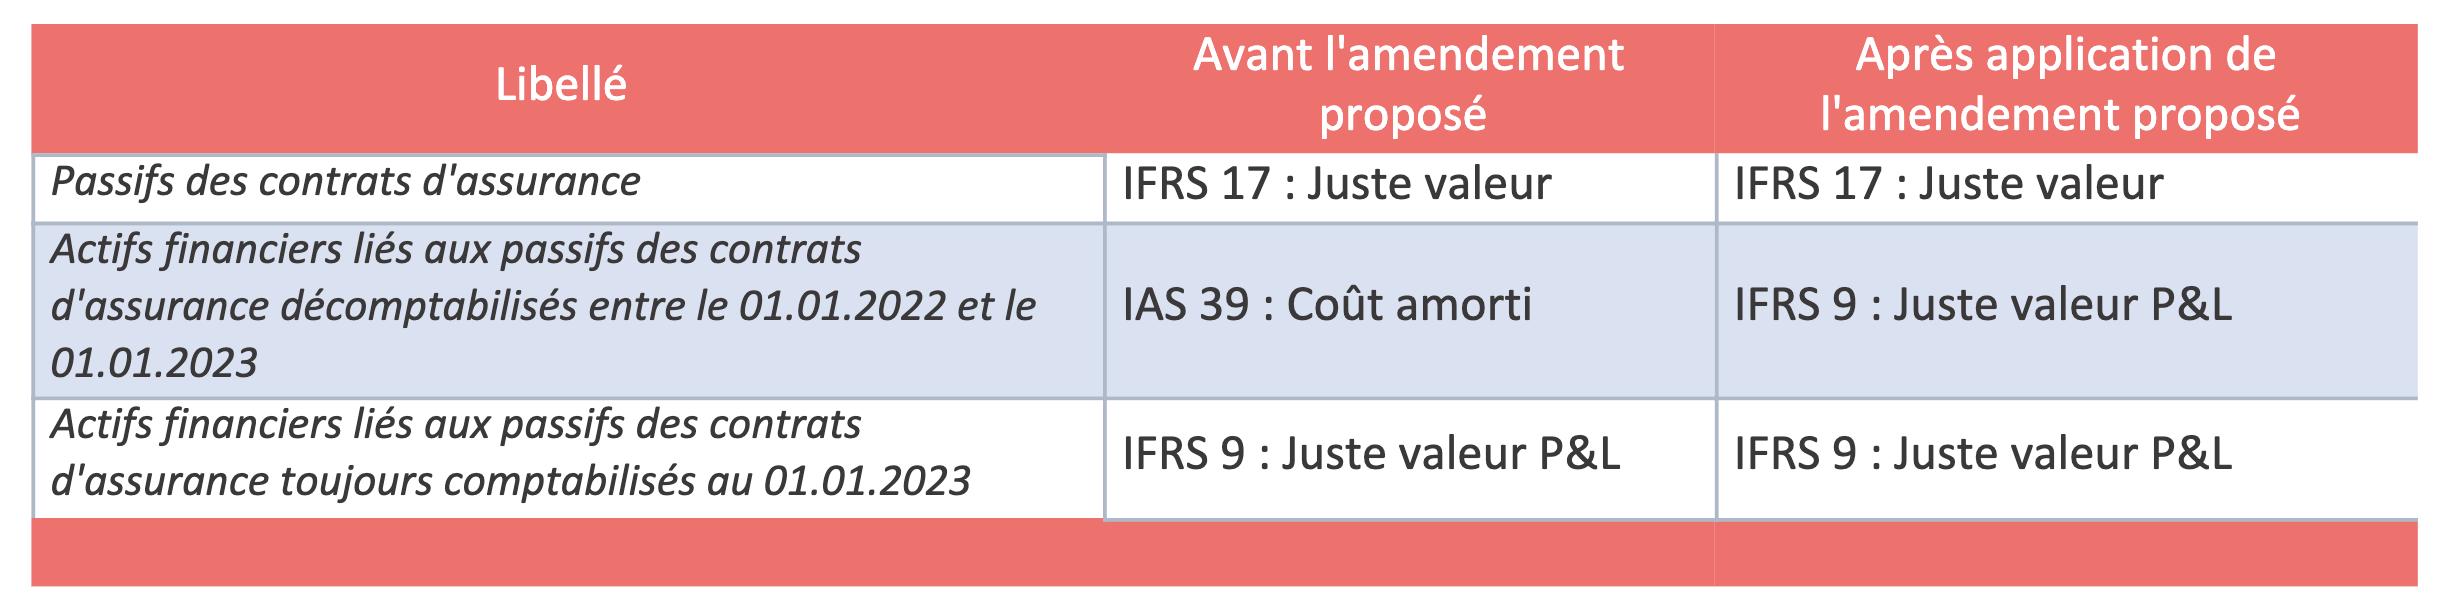 normes applicables entre le 01.01.2022 et le 01.01.2023 (avant amendement)